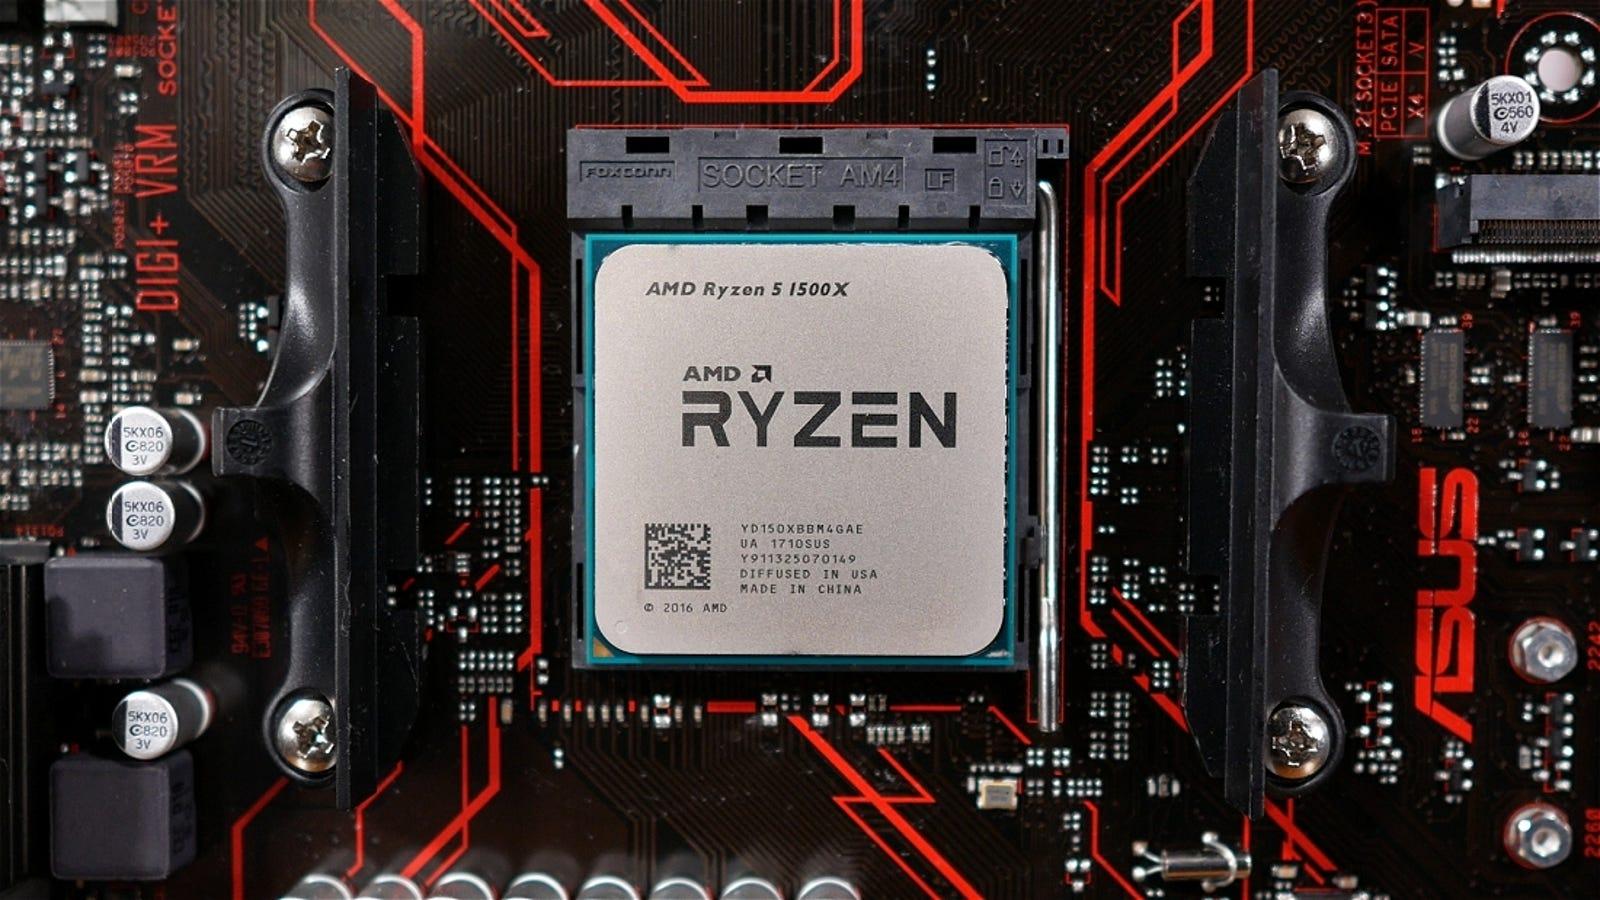 Amd Ryzen 5 1600x Amp 1500x Cpu Review A Fantastic